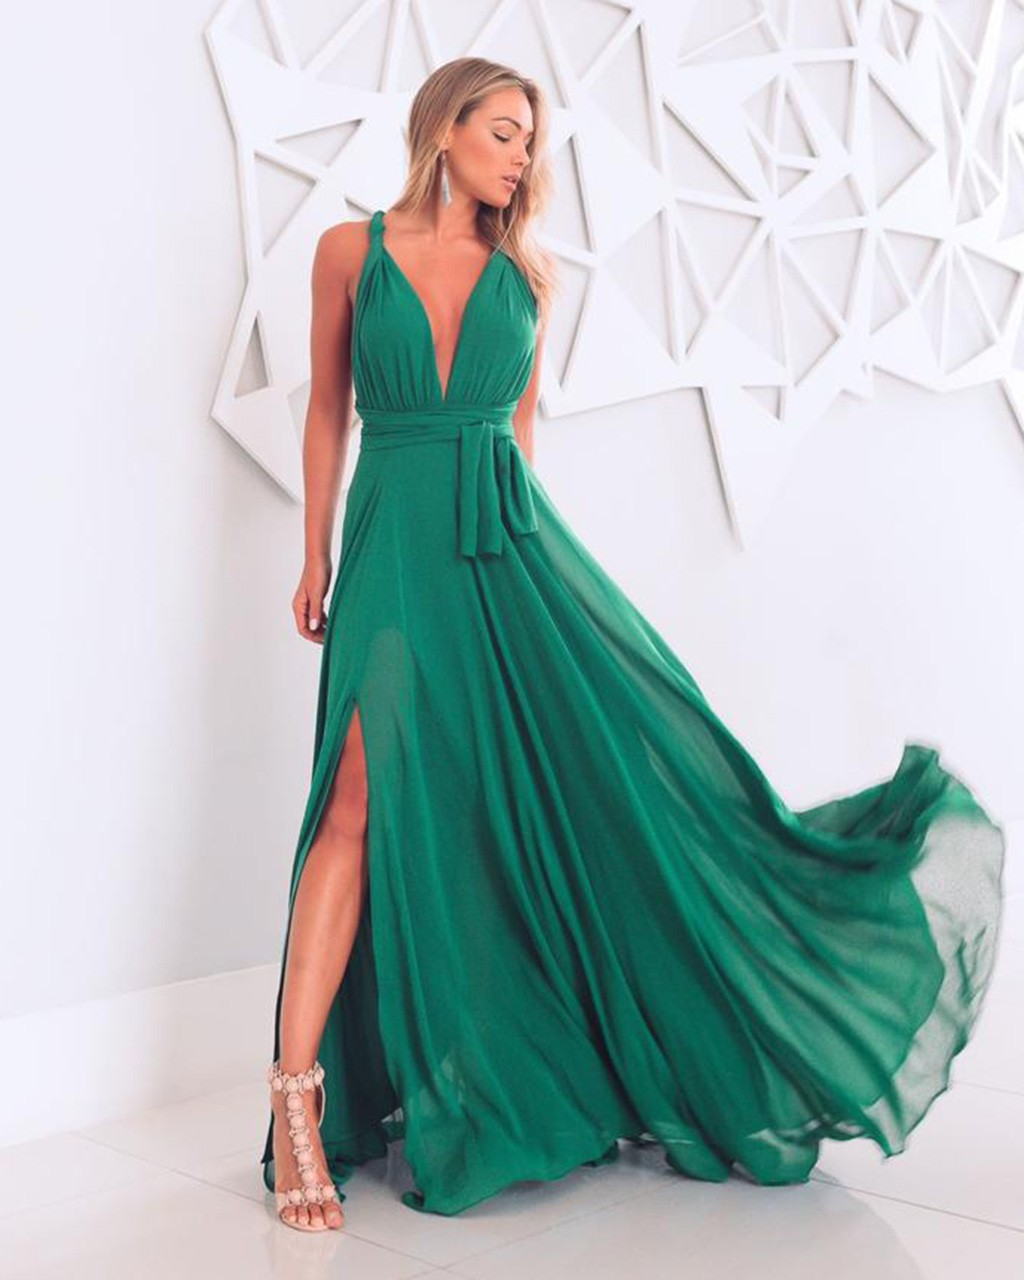 Vestido Mirele  - Empório NM